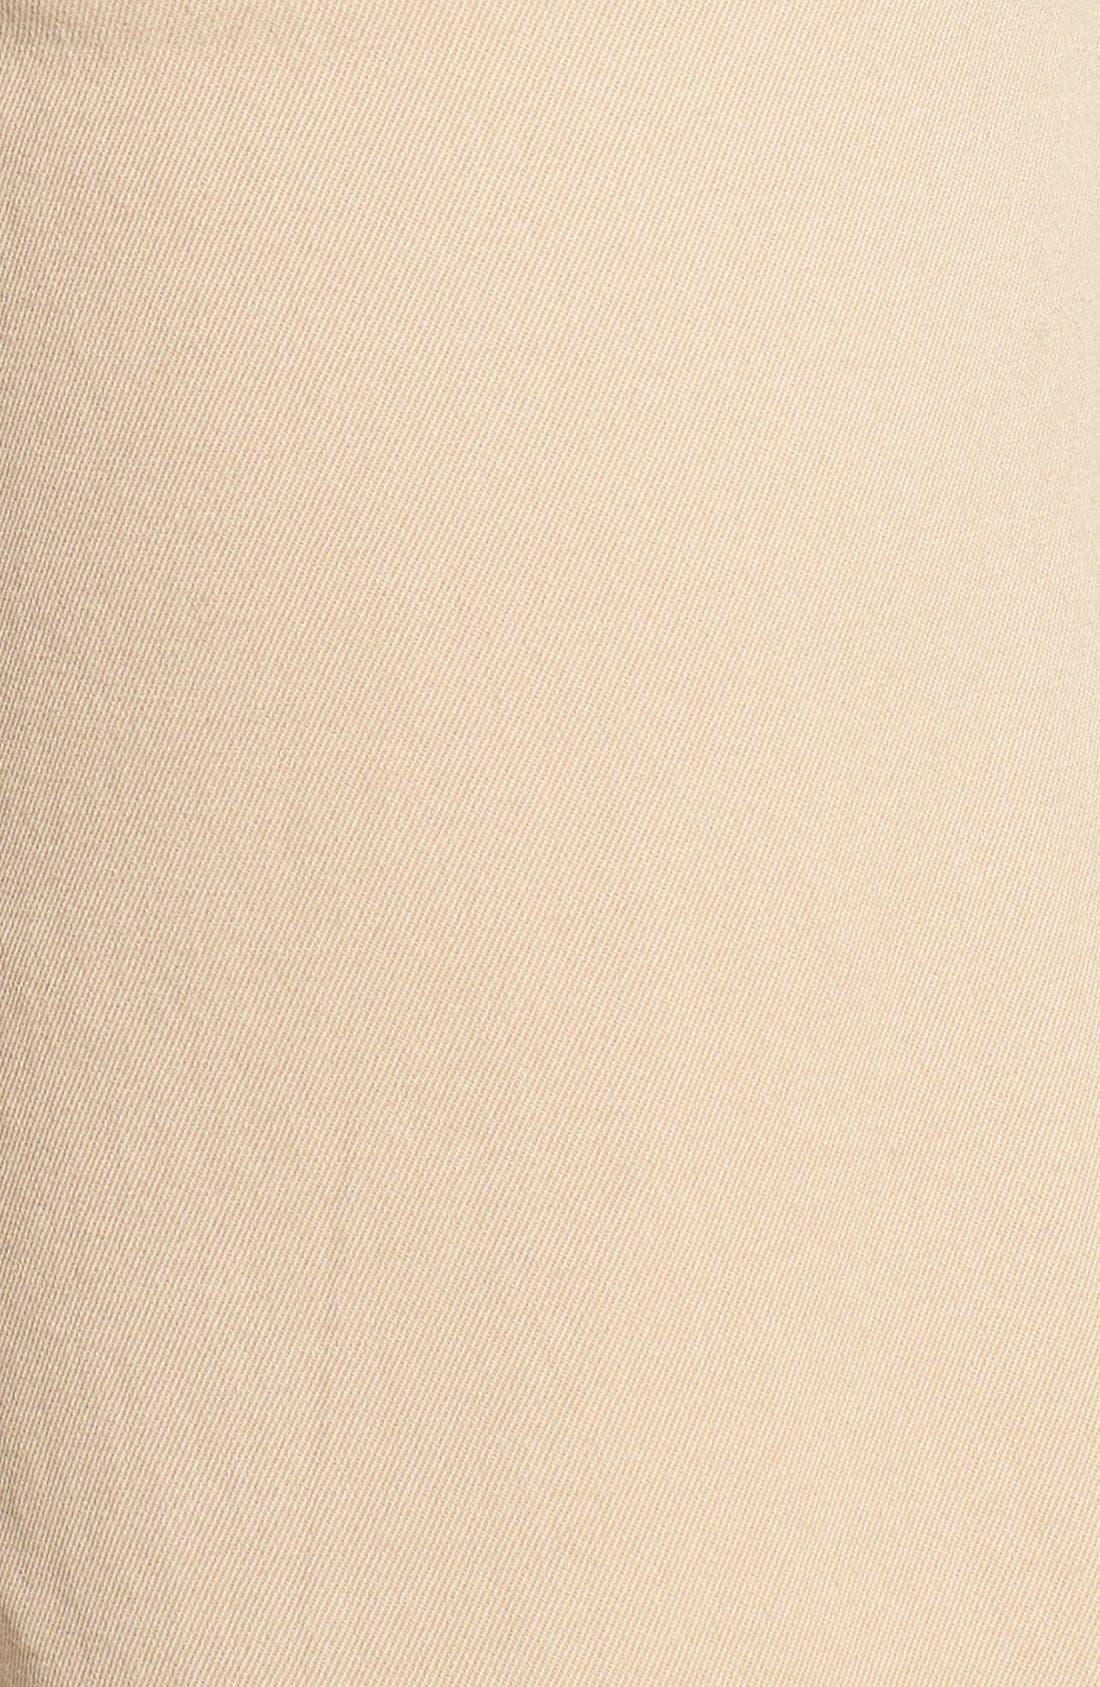 'Matchbox BES' Slim Fit Pants,                             Alternate thumbnail 107, color,